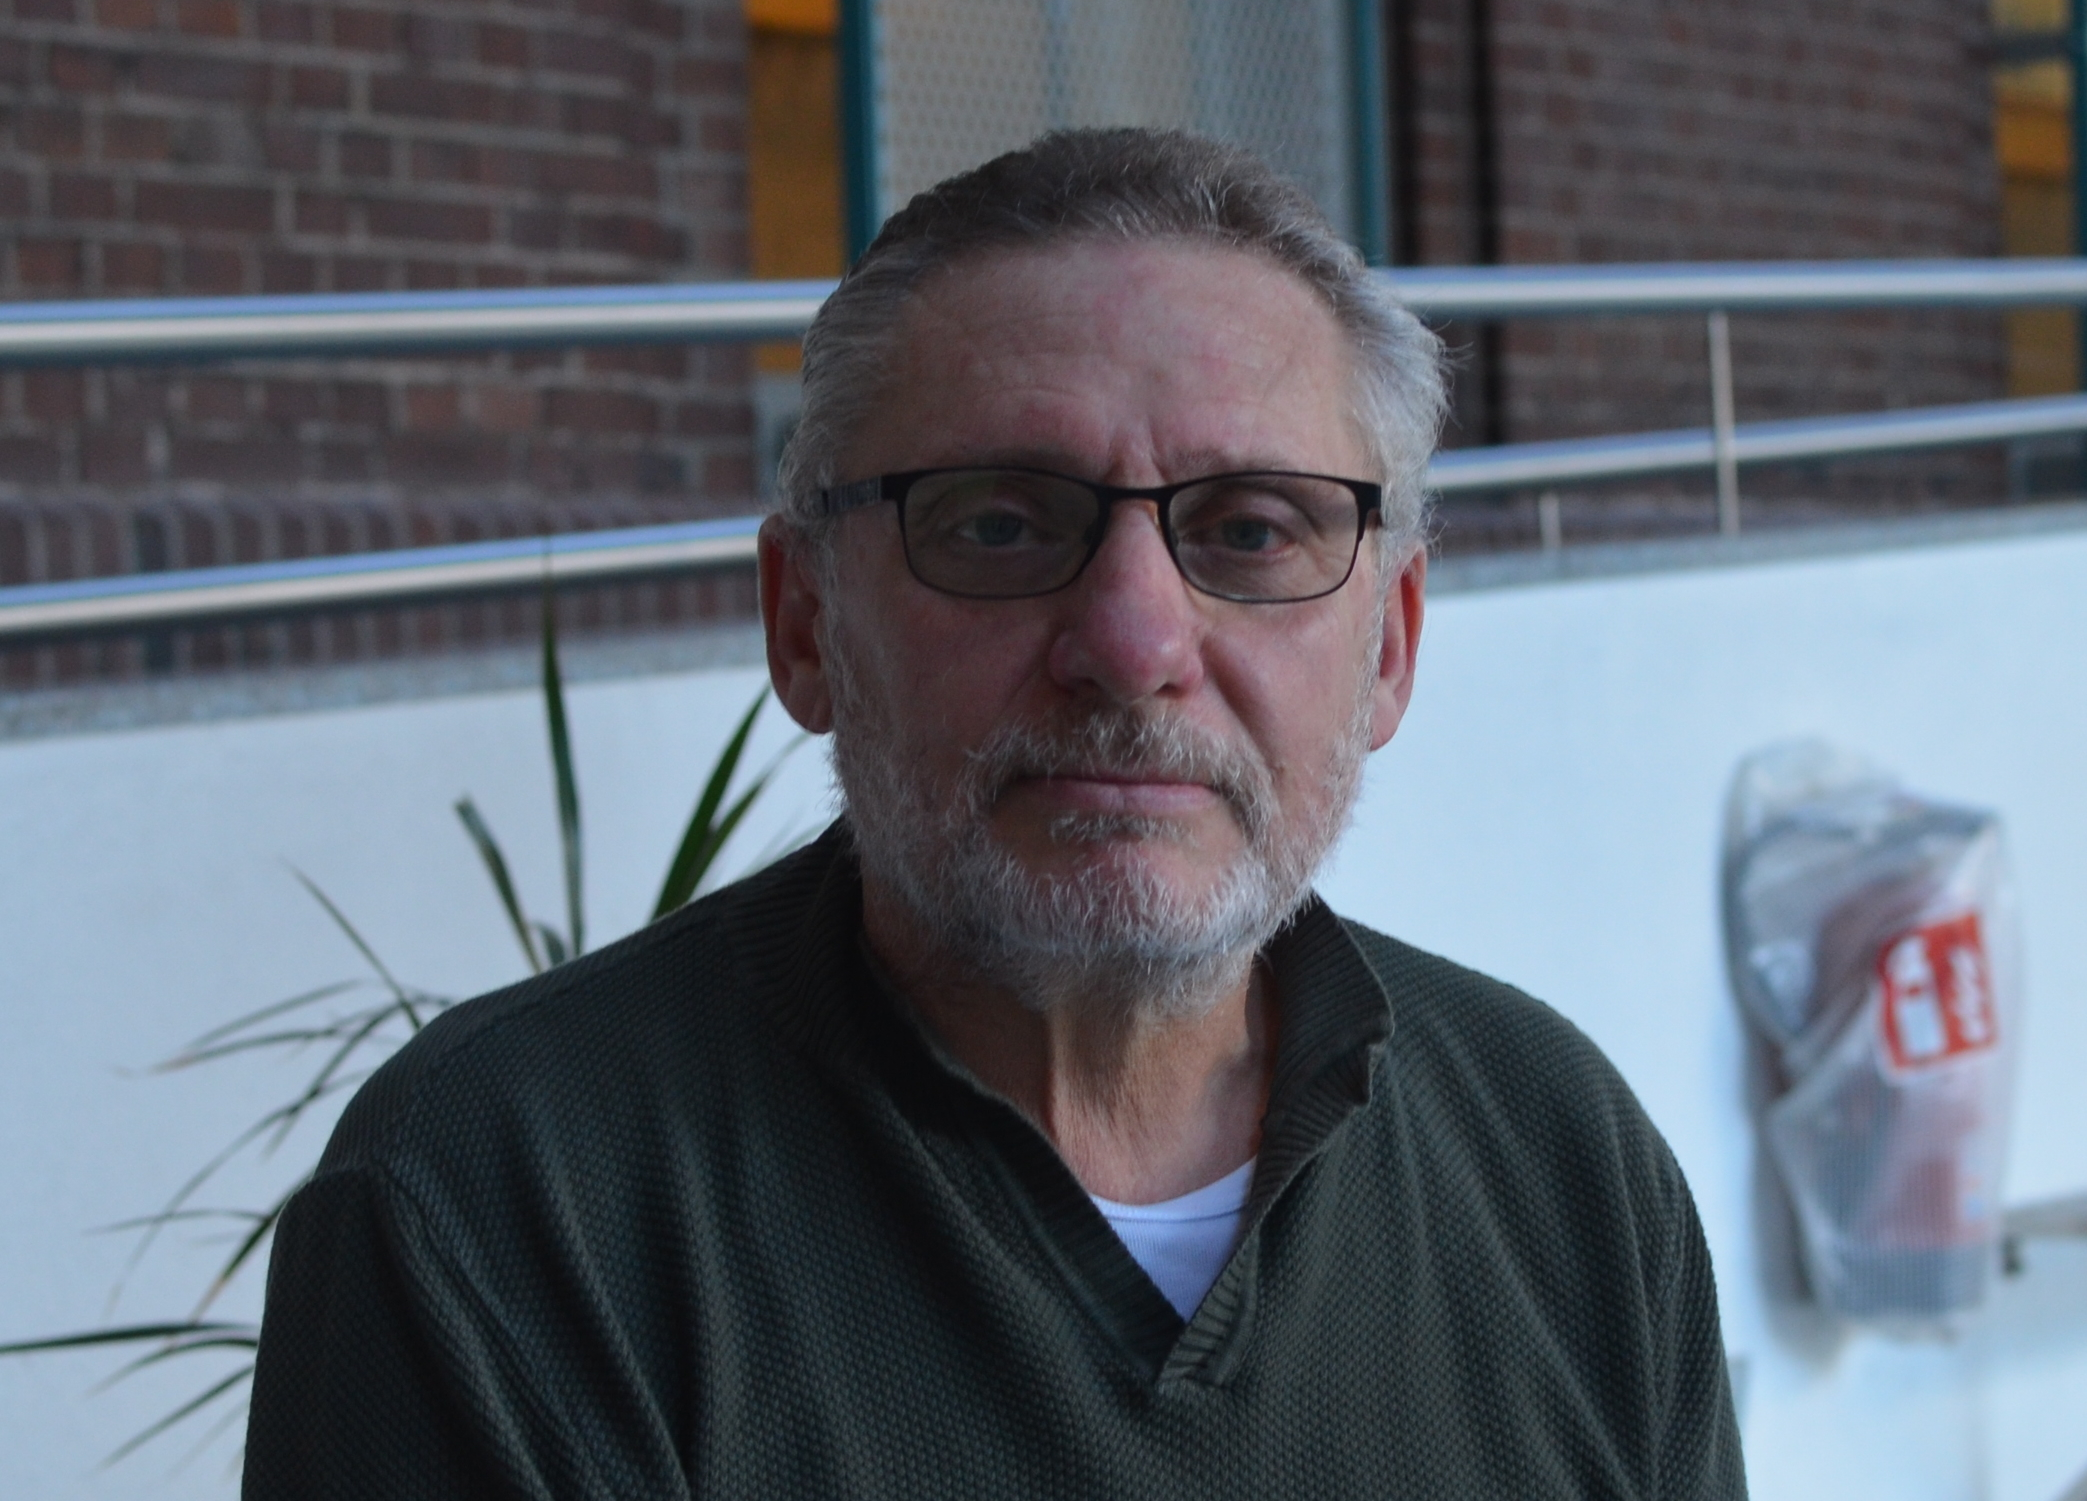 Das Bild zeigt Herrn Piccirilli in der Pausenhalle sitzend.